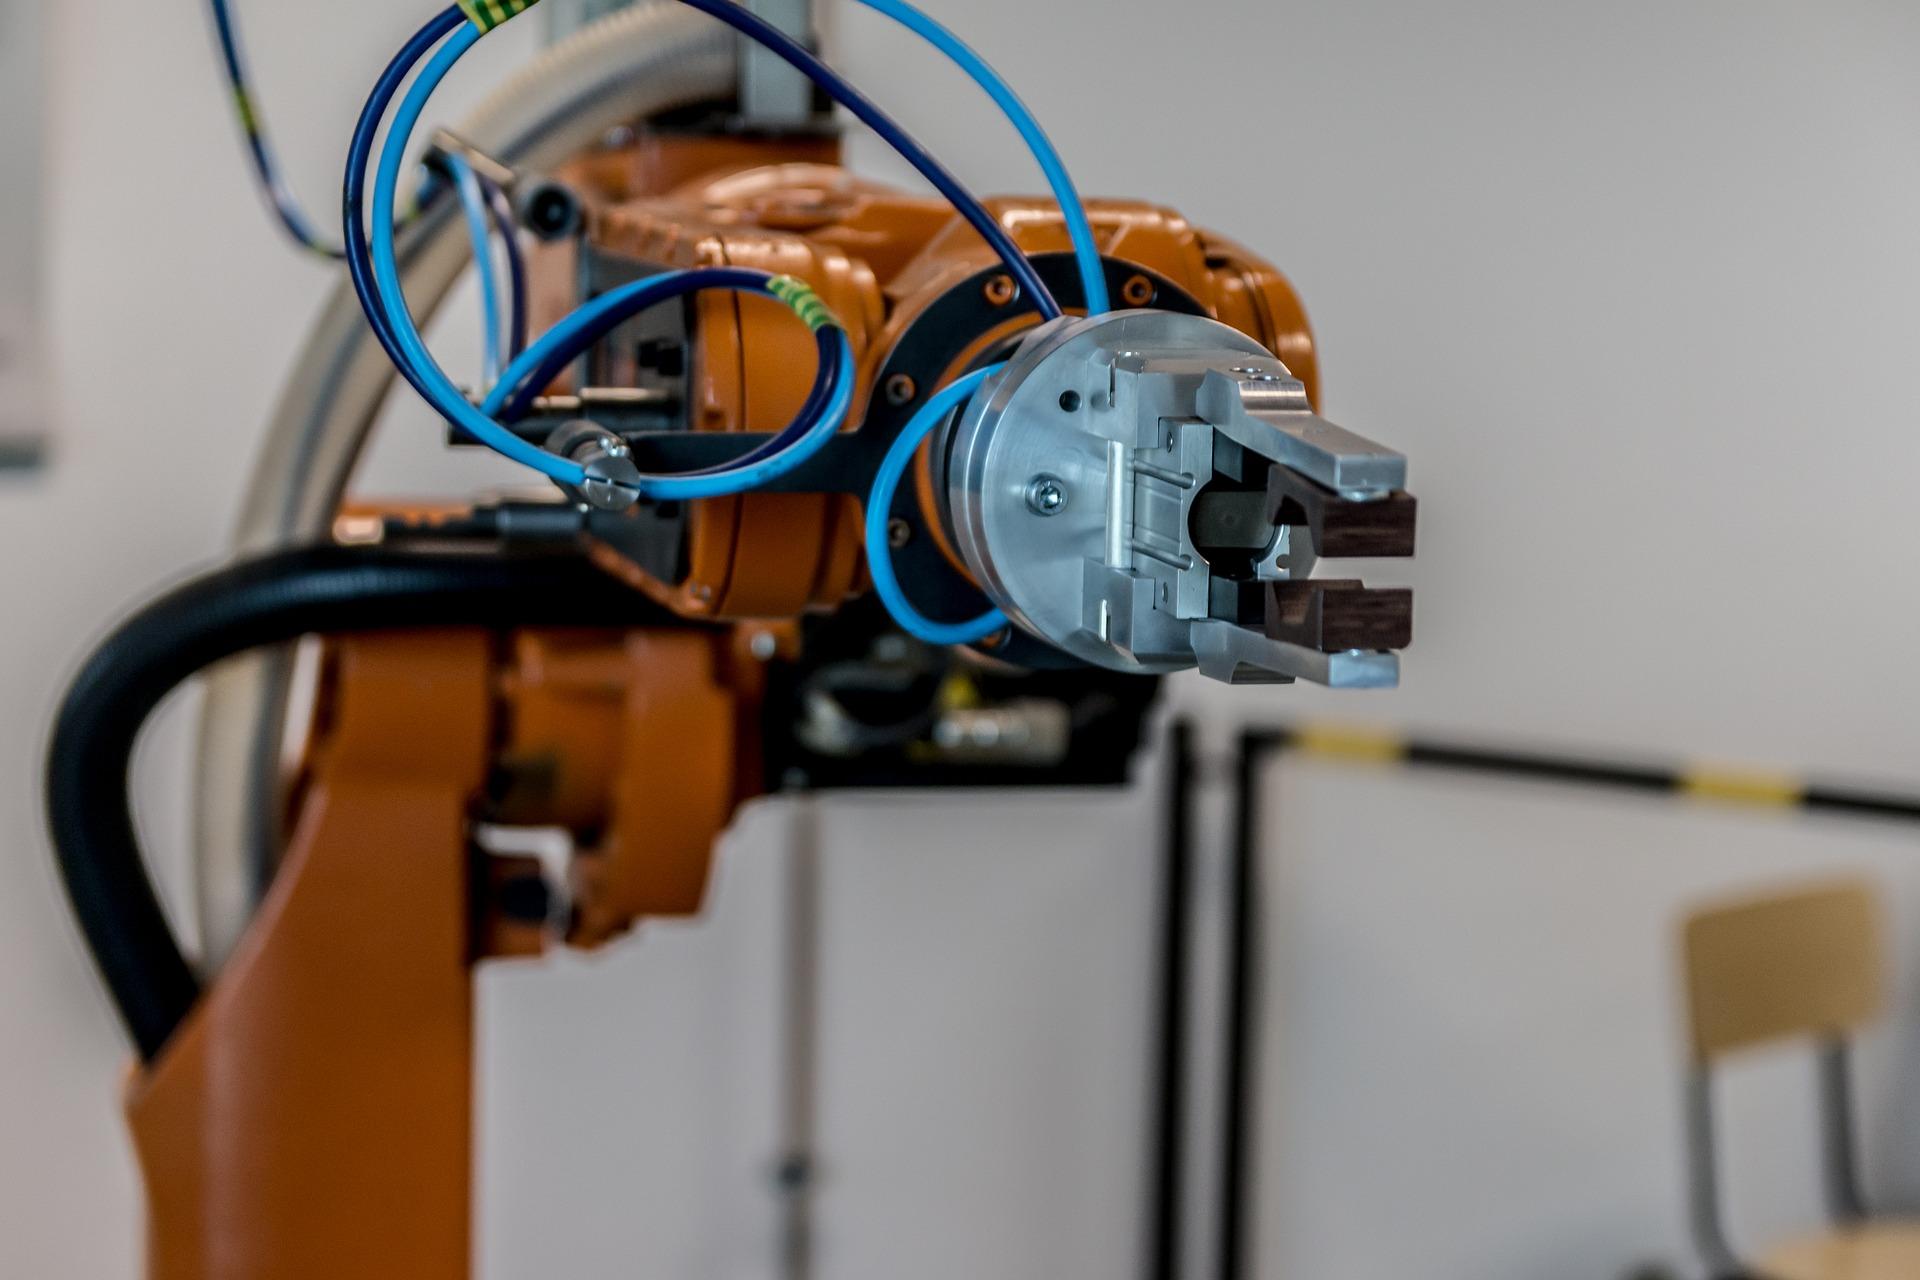 W ciągu najbliższych 10 lat automatyzacja wystąpi na szeroką skalę, a jej stopień będzie zależny od sektora gospodarki i typu działalności - mówi prezes Arthur Hunt (fot.pixabay.com)